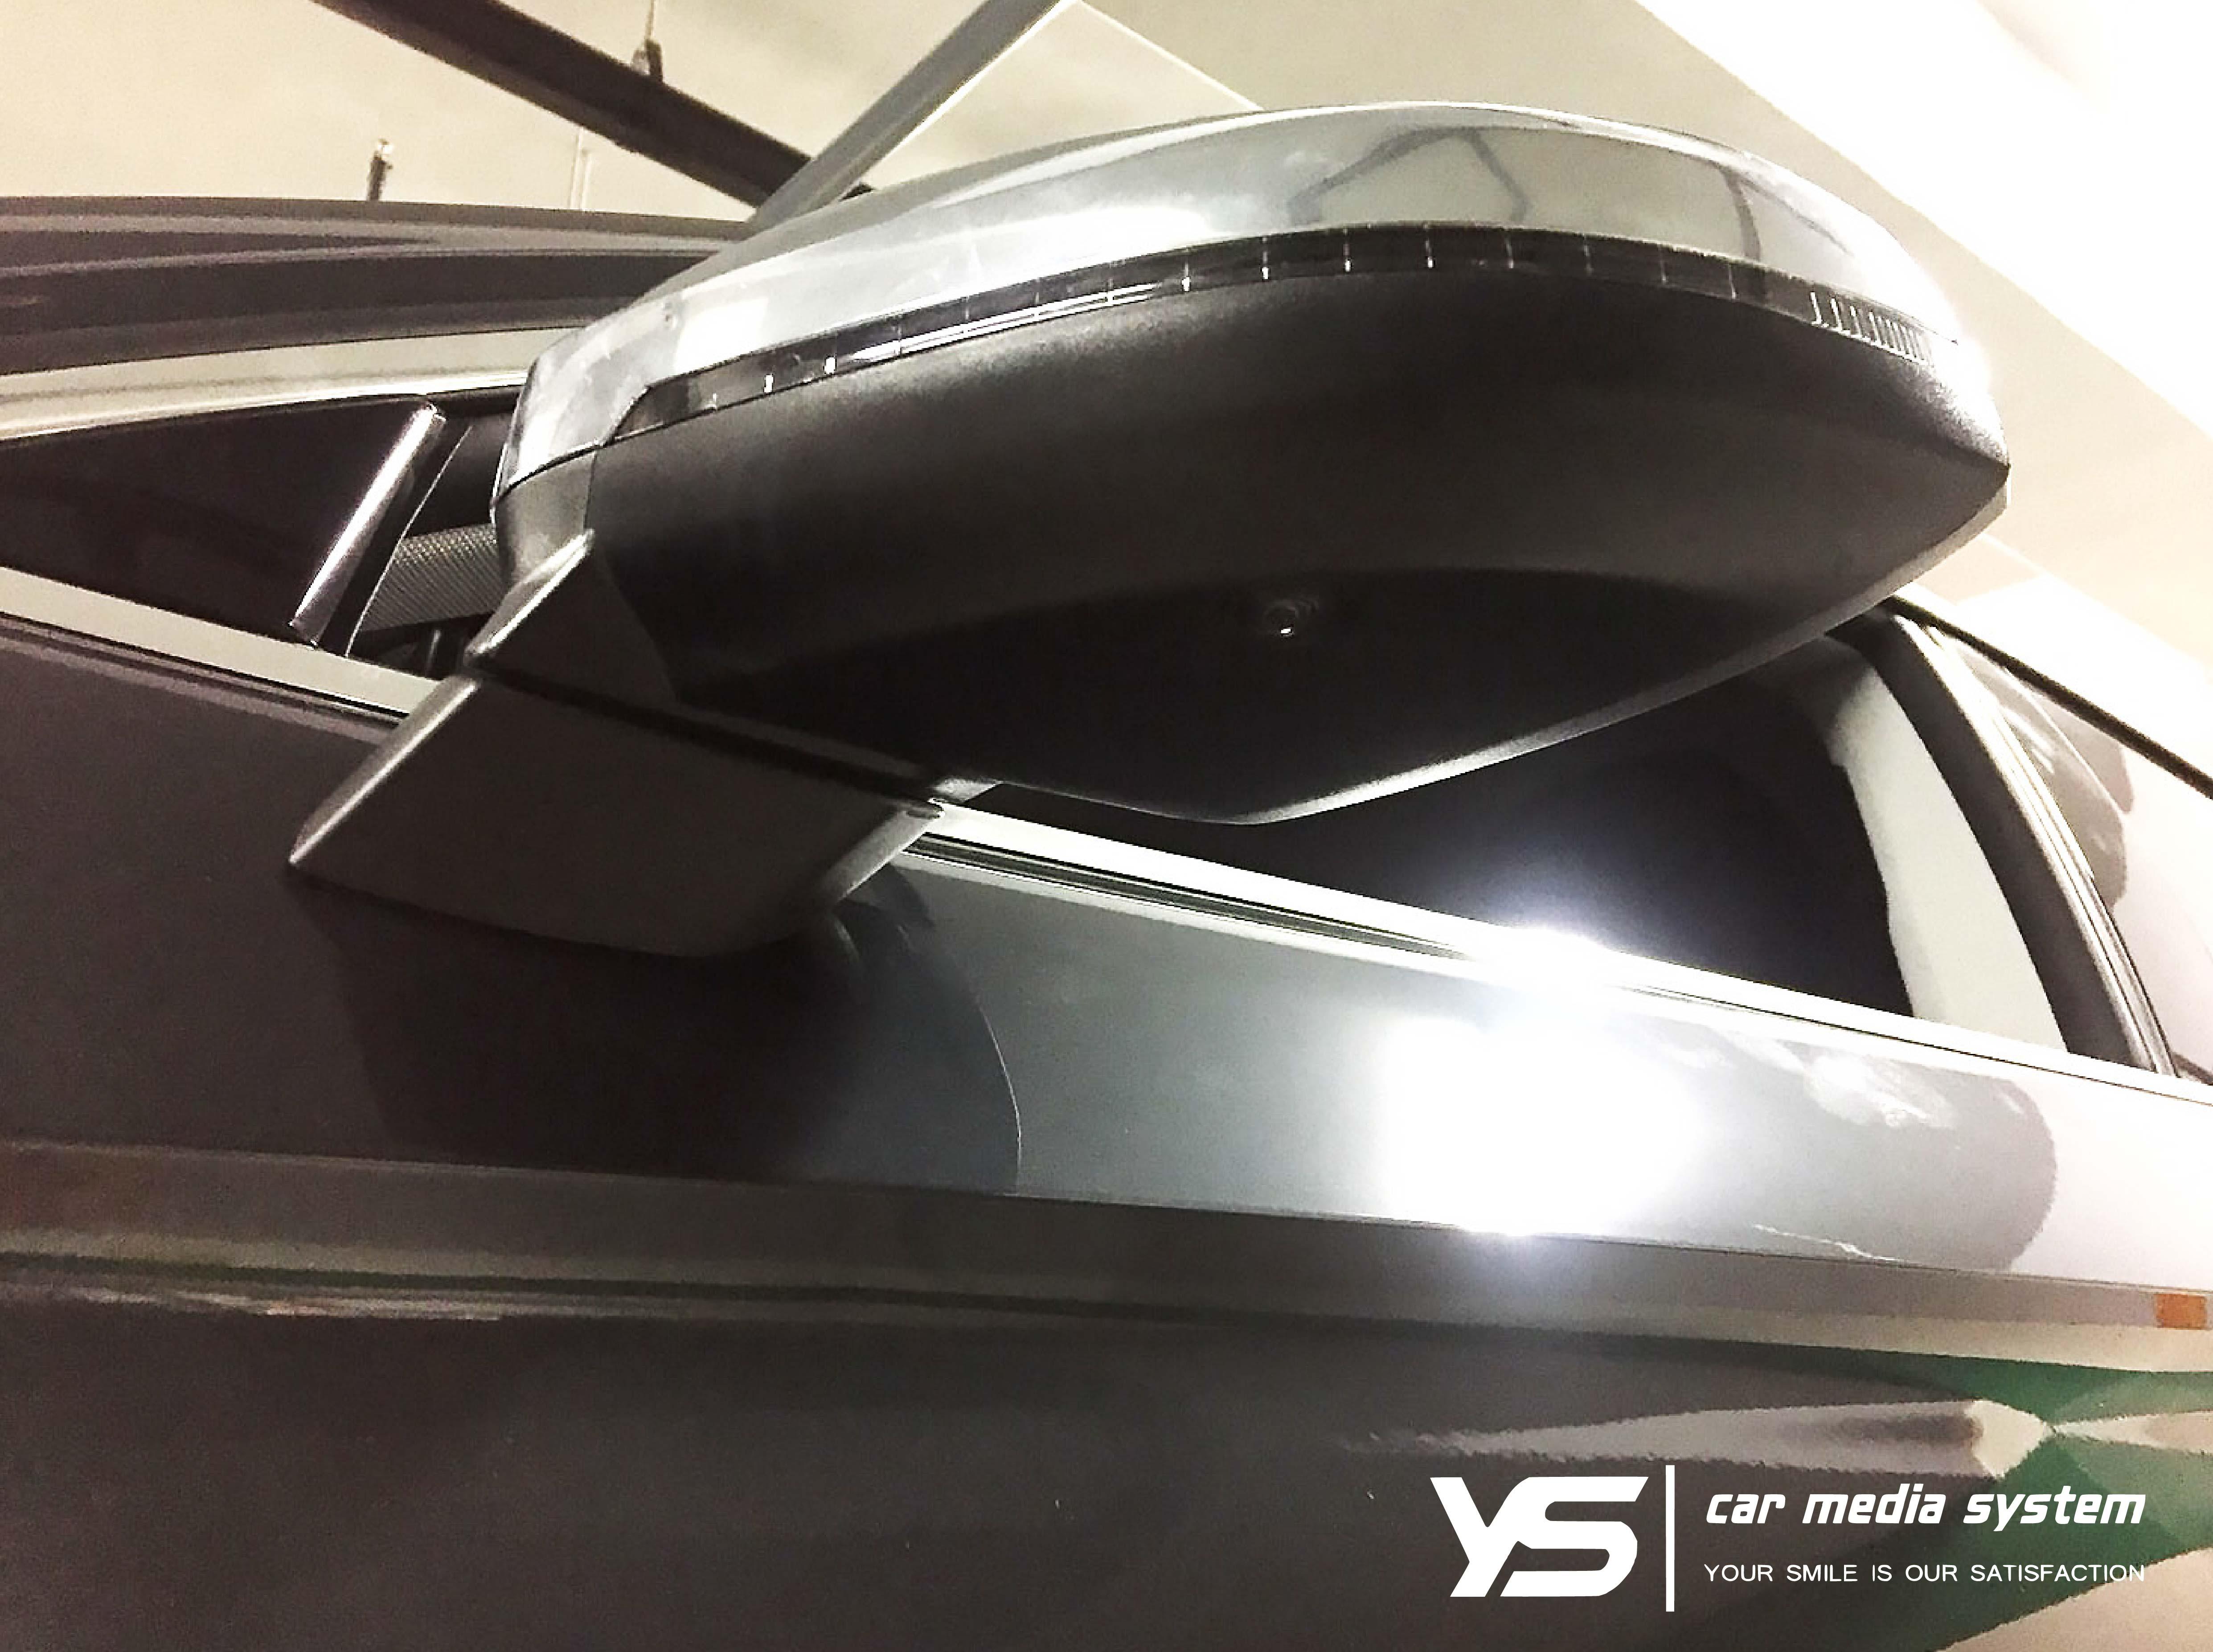 專車專用-超高夜視360度環景輔助系統